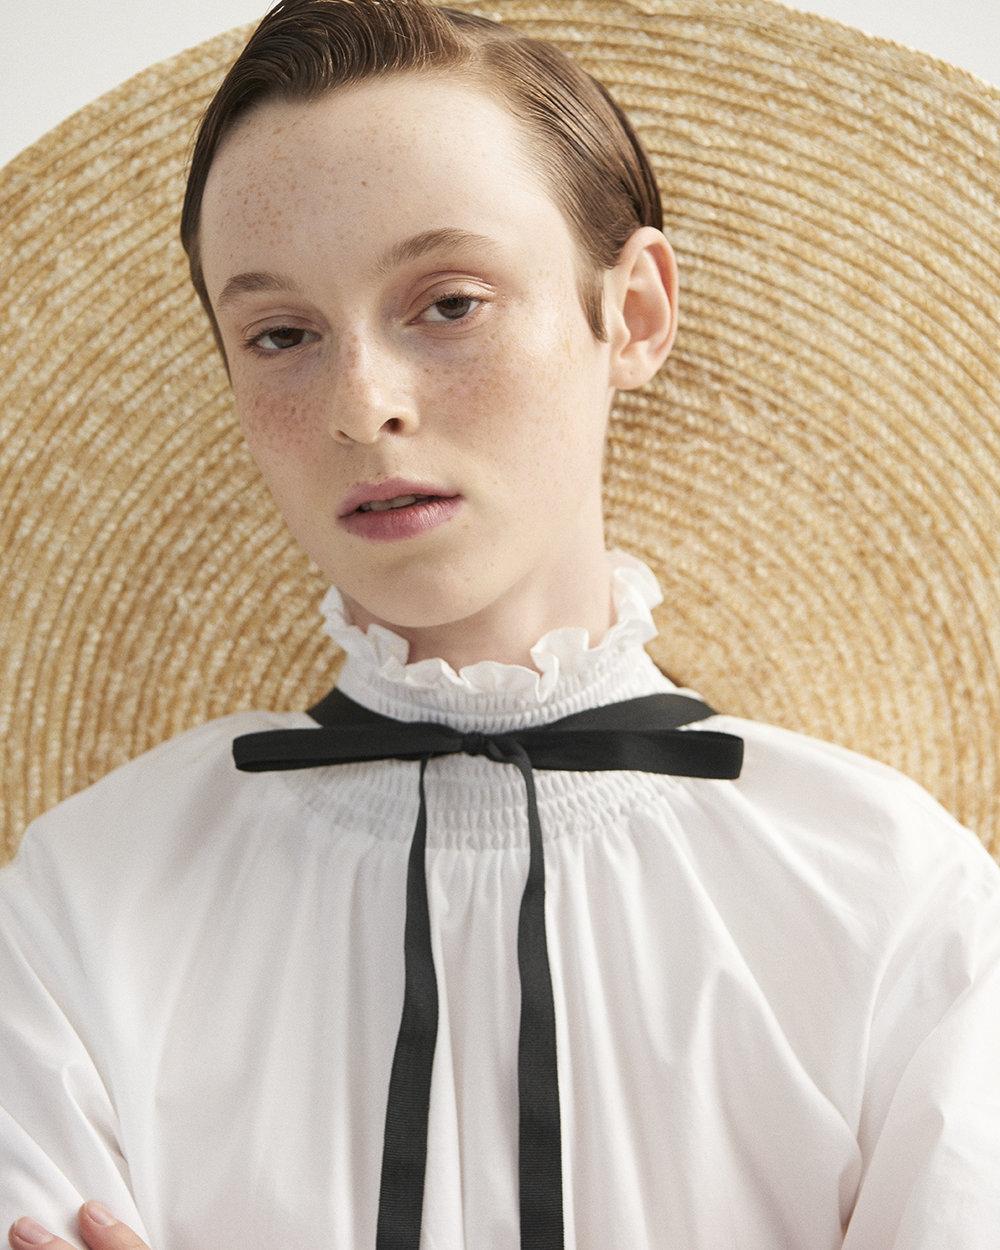 Bridget-Fleming-GIESELE-FOX-Portrait_118.JPG